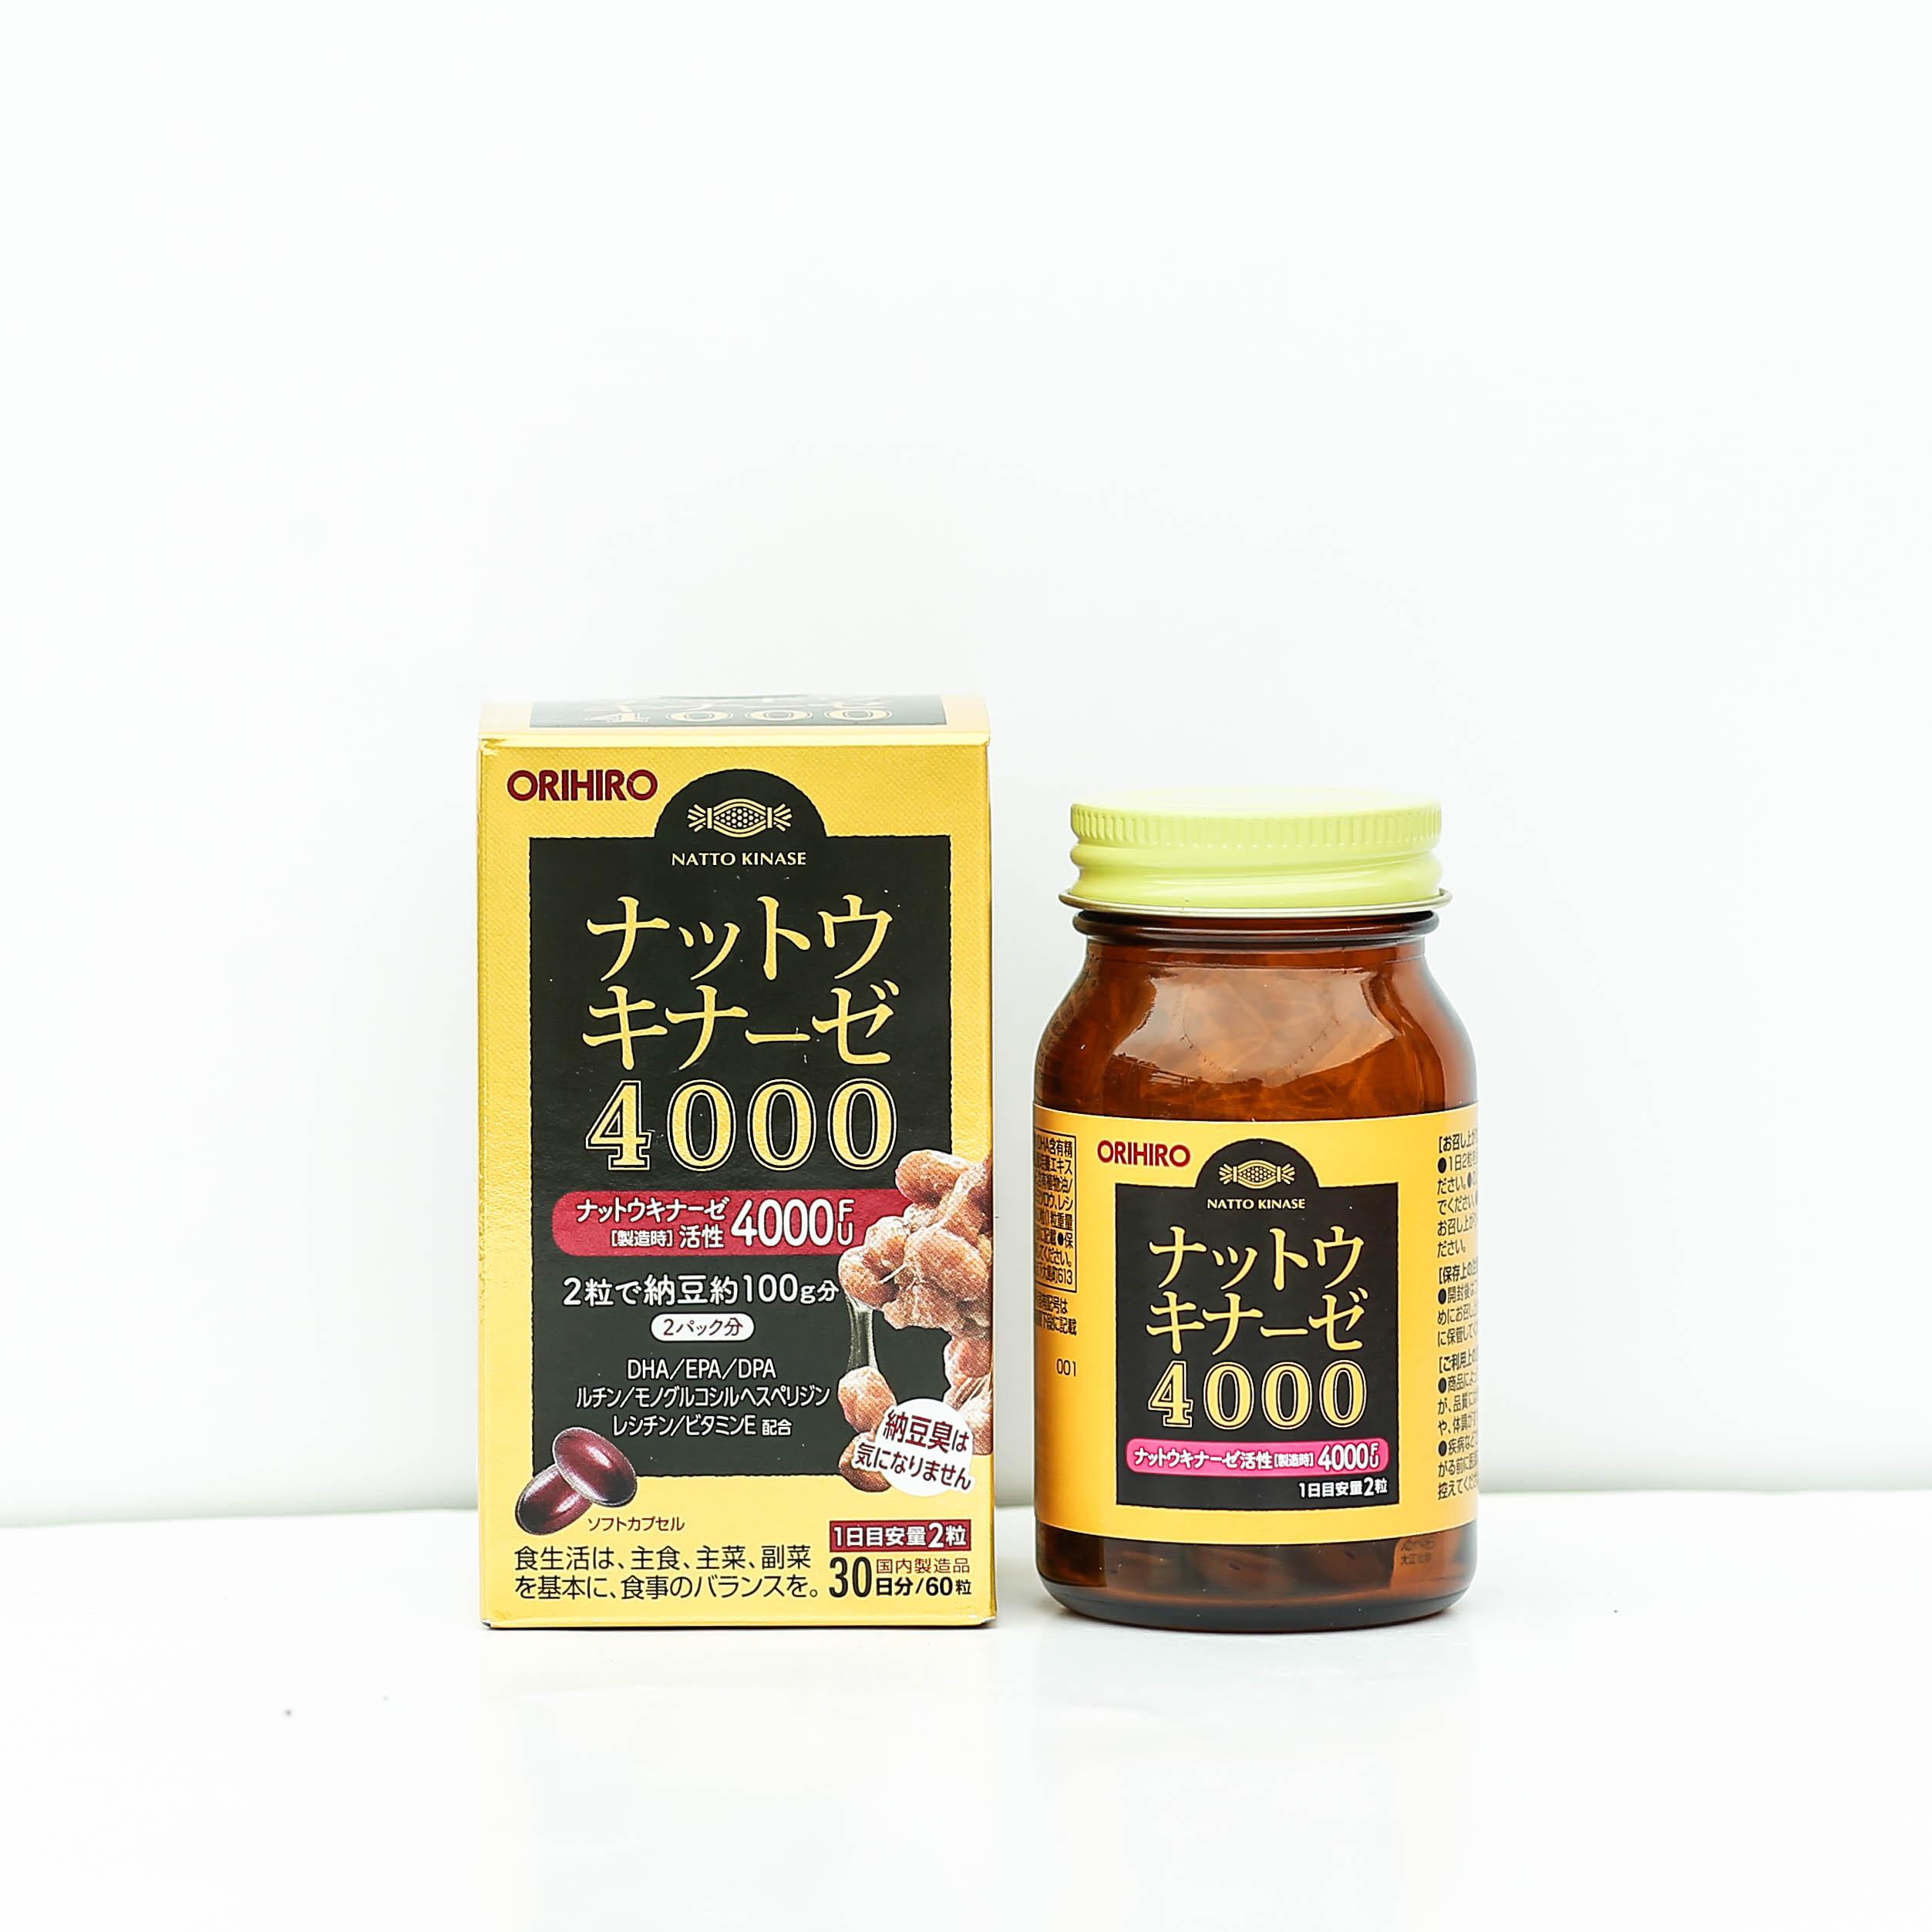 Viên uống hỗ trợ điều trị đột quỵ 4000 FU Orihiro